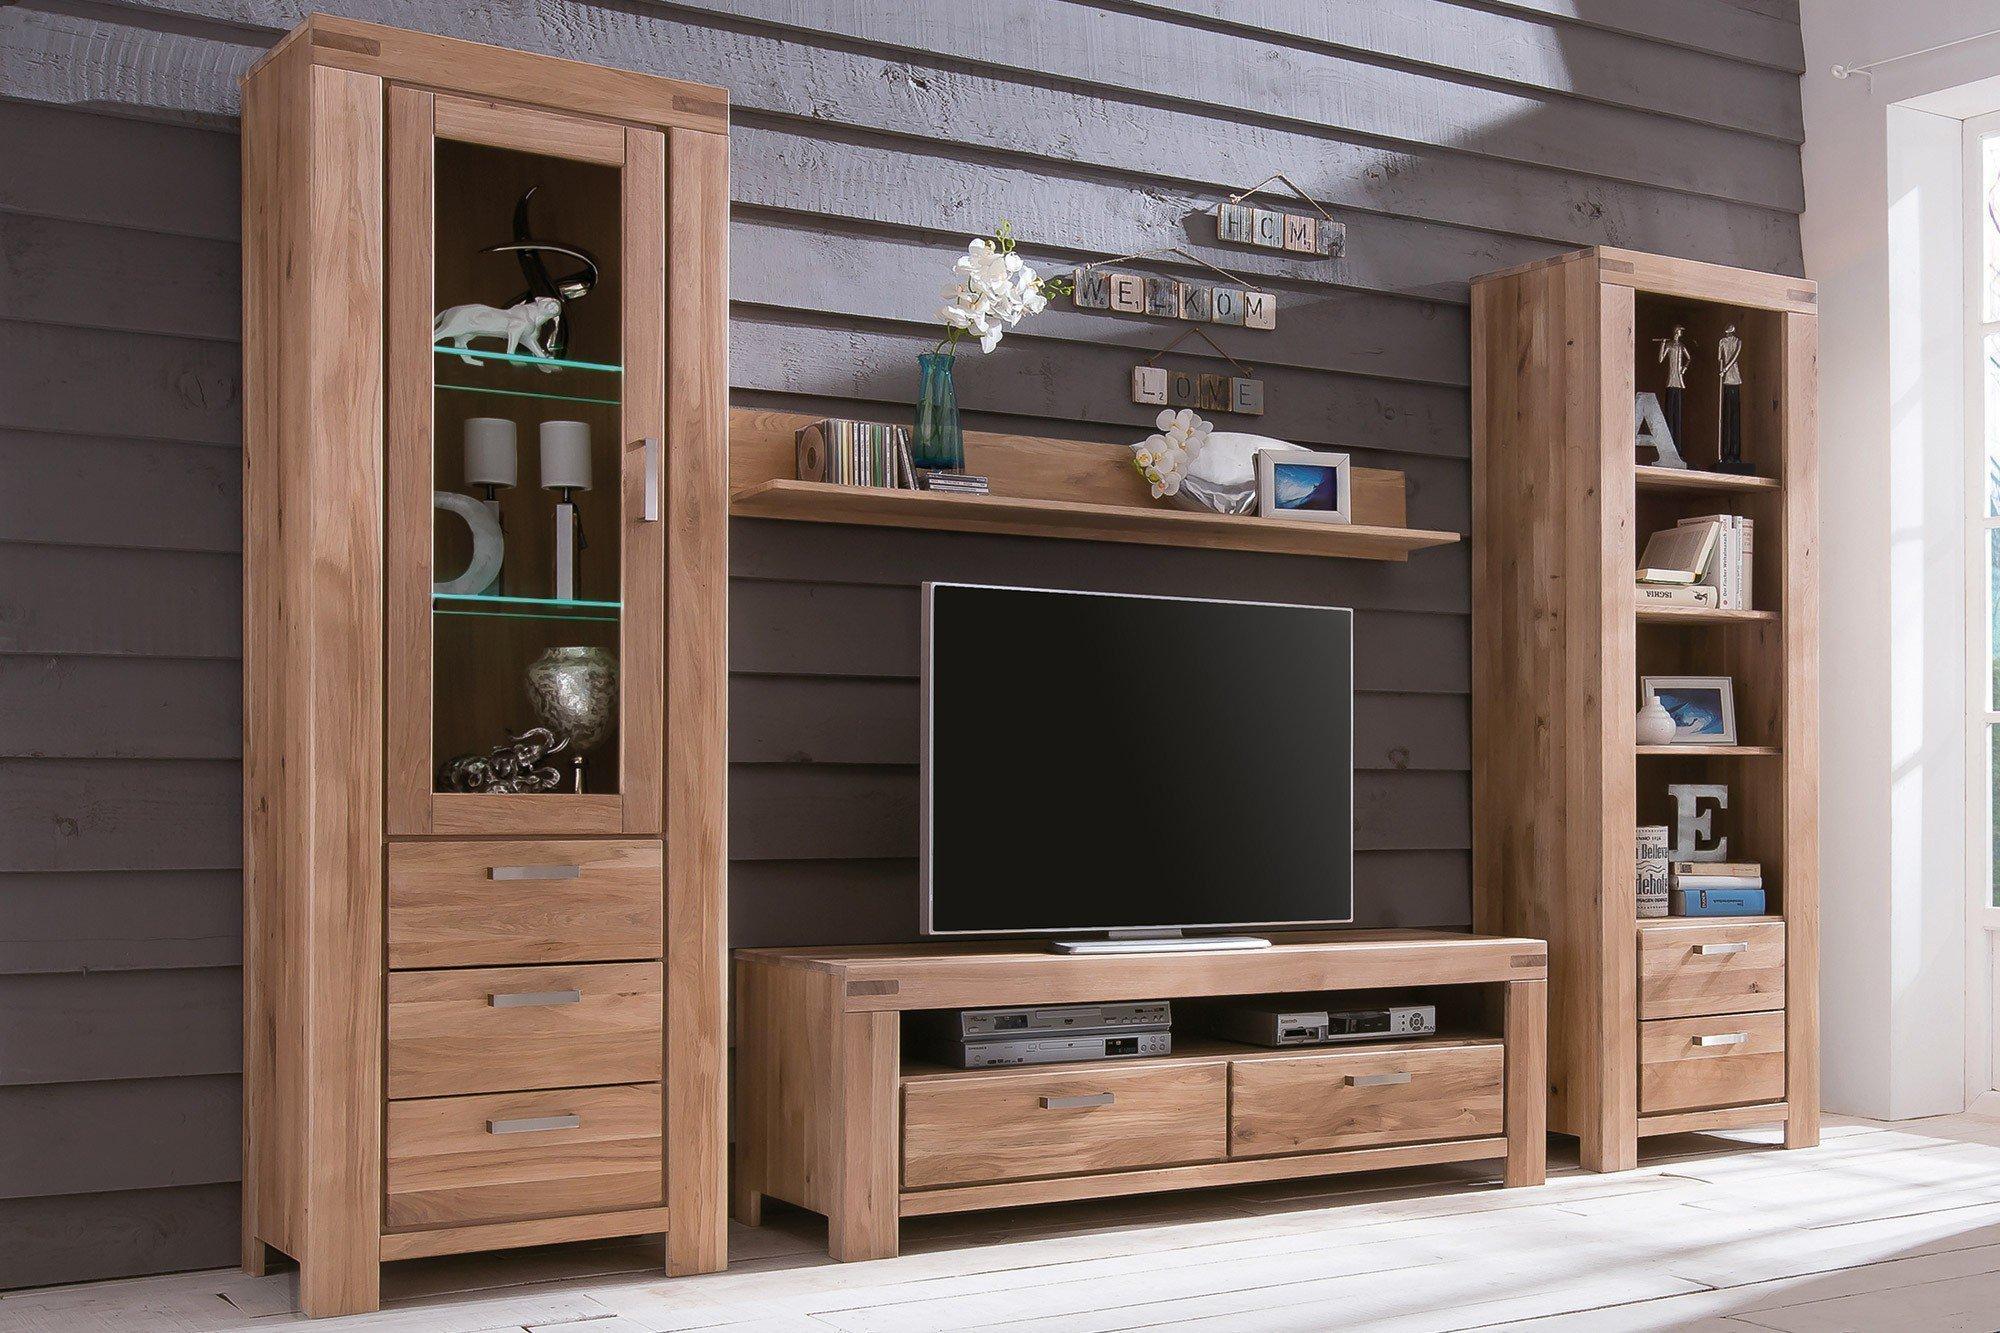 elfo m bel wohnwand kira massive wildeiche bianco m bel letz ihr online shop. Black Bedroom Furniture Sets. Home Design Ideas